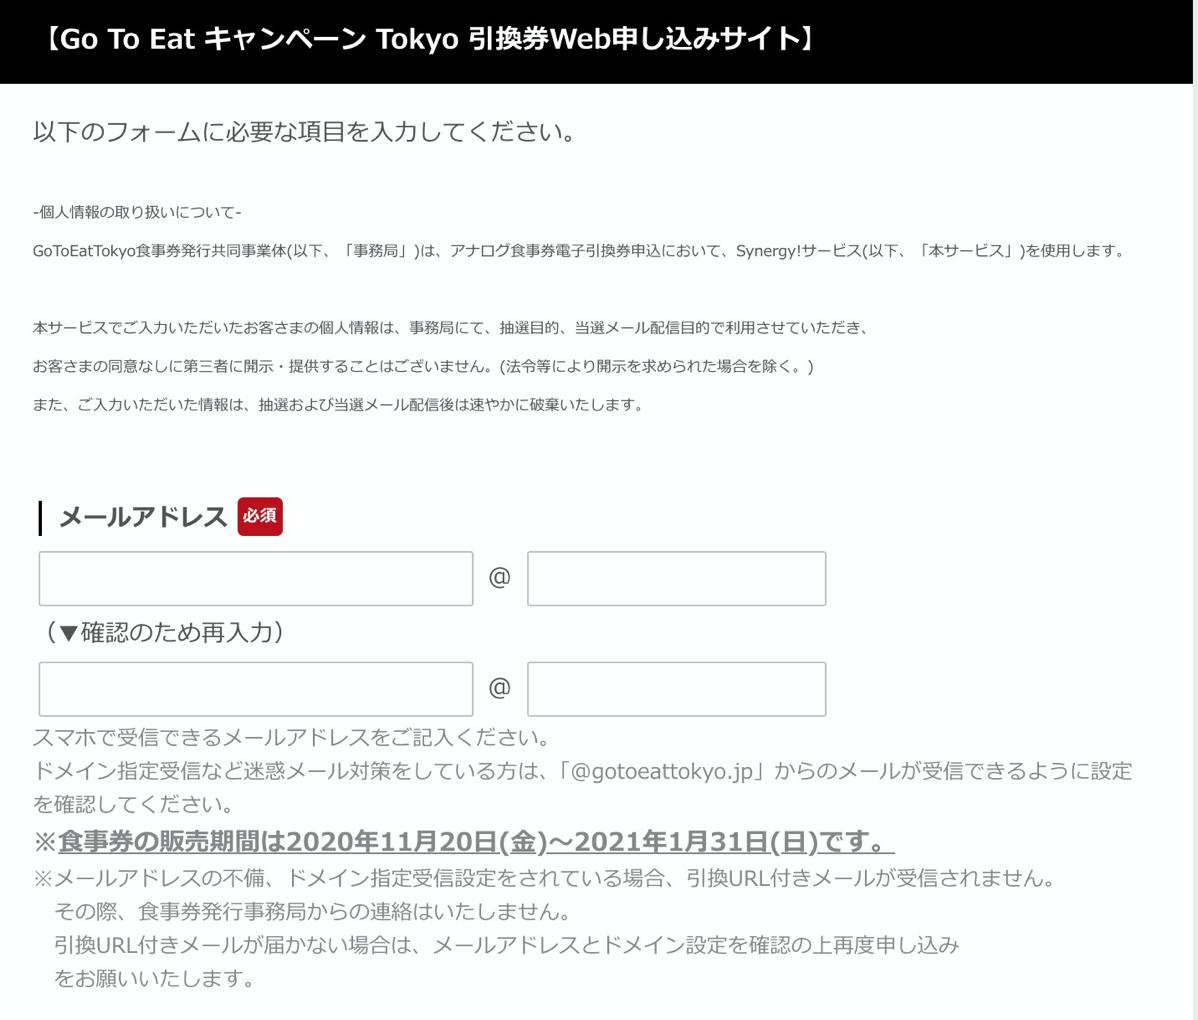 Go To Eat(東京)引換券申込サイト(スマホ)